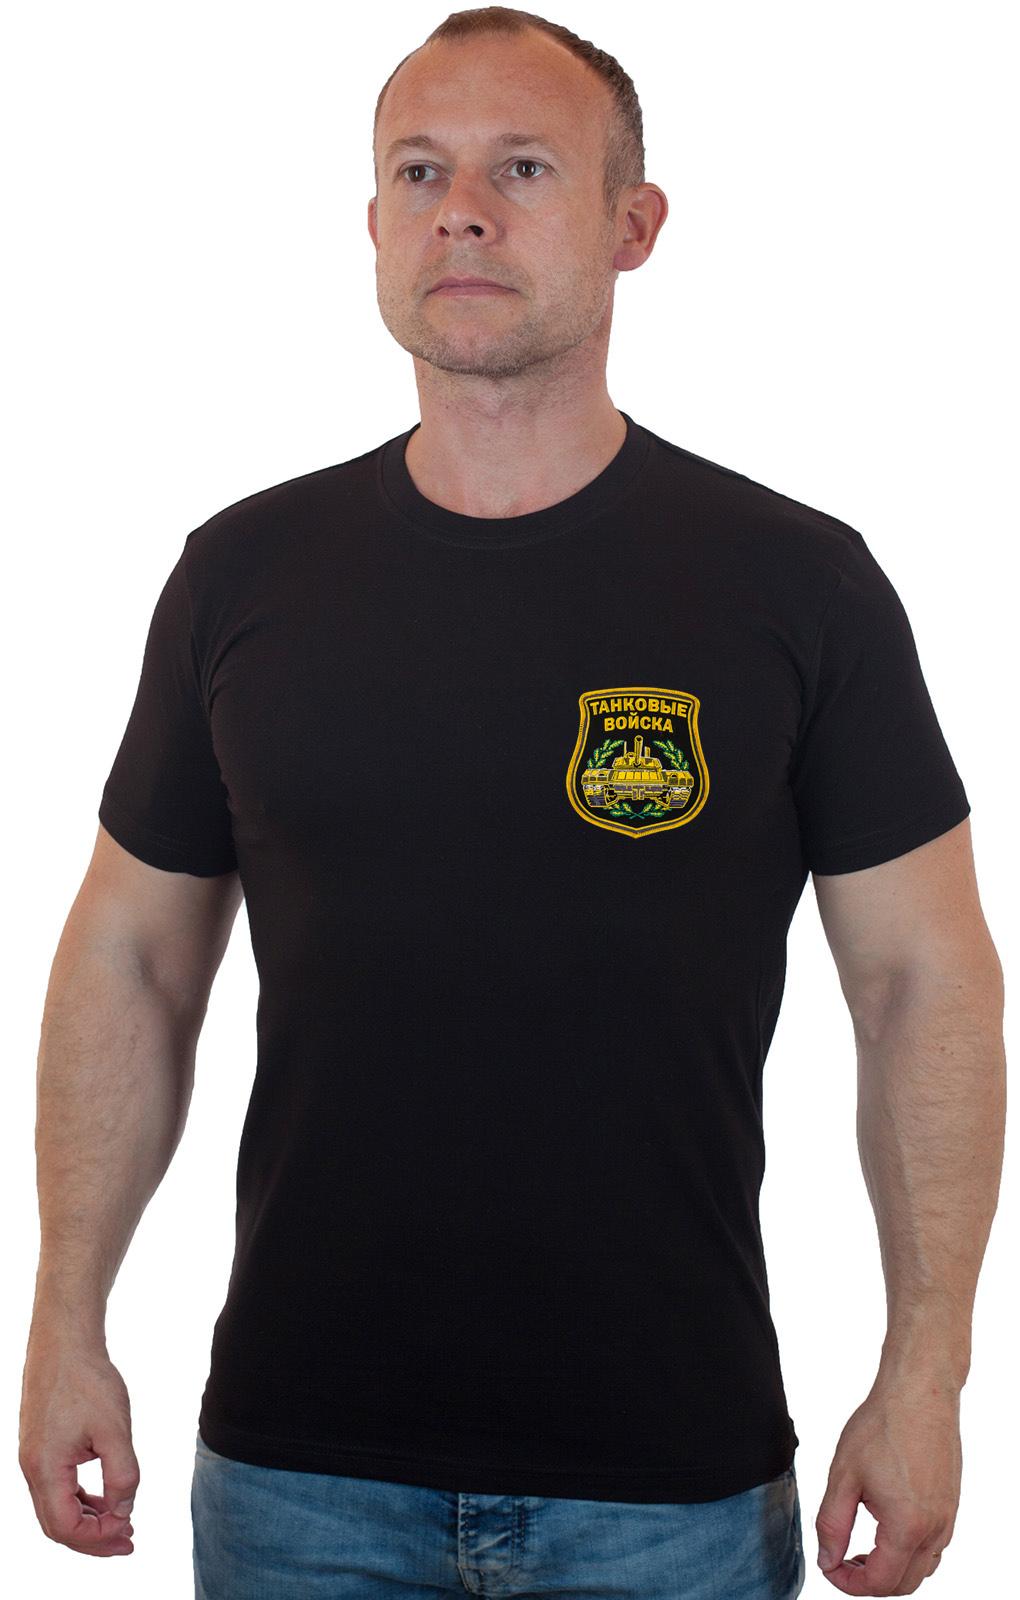 Купить с доставкой футболку Танковые Войска в интернет магазине Военпро